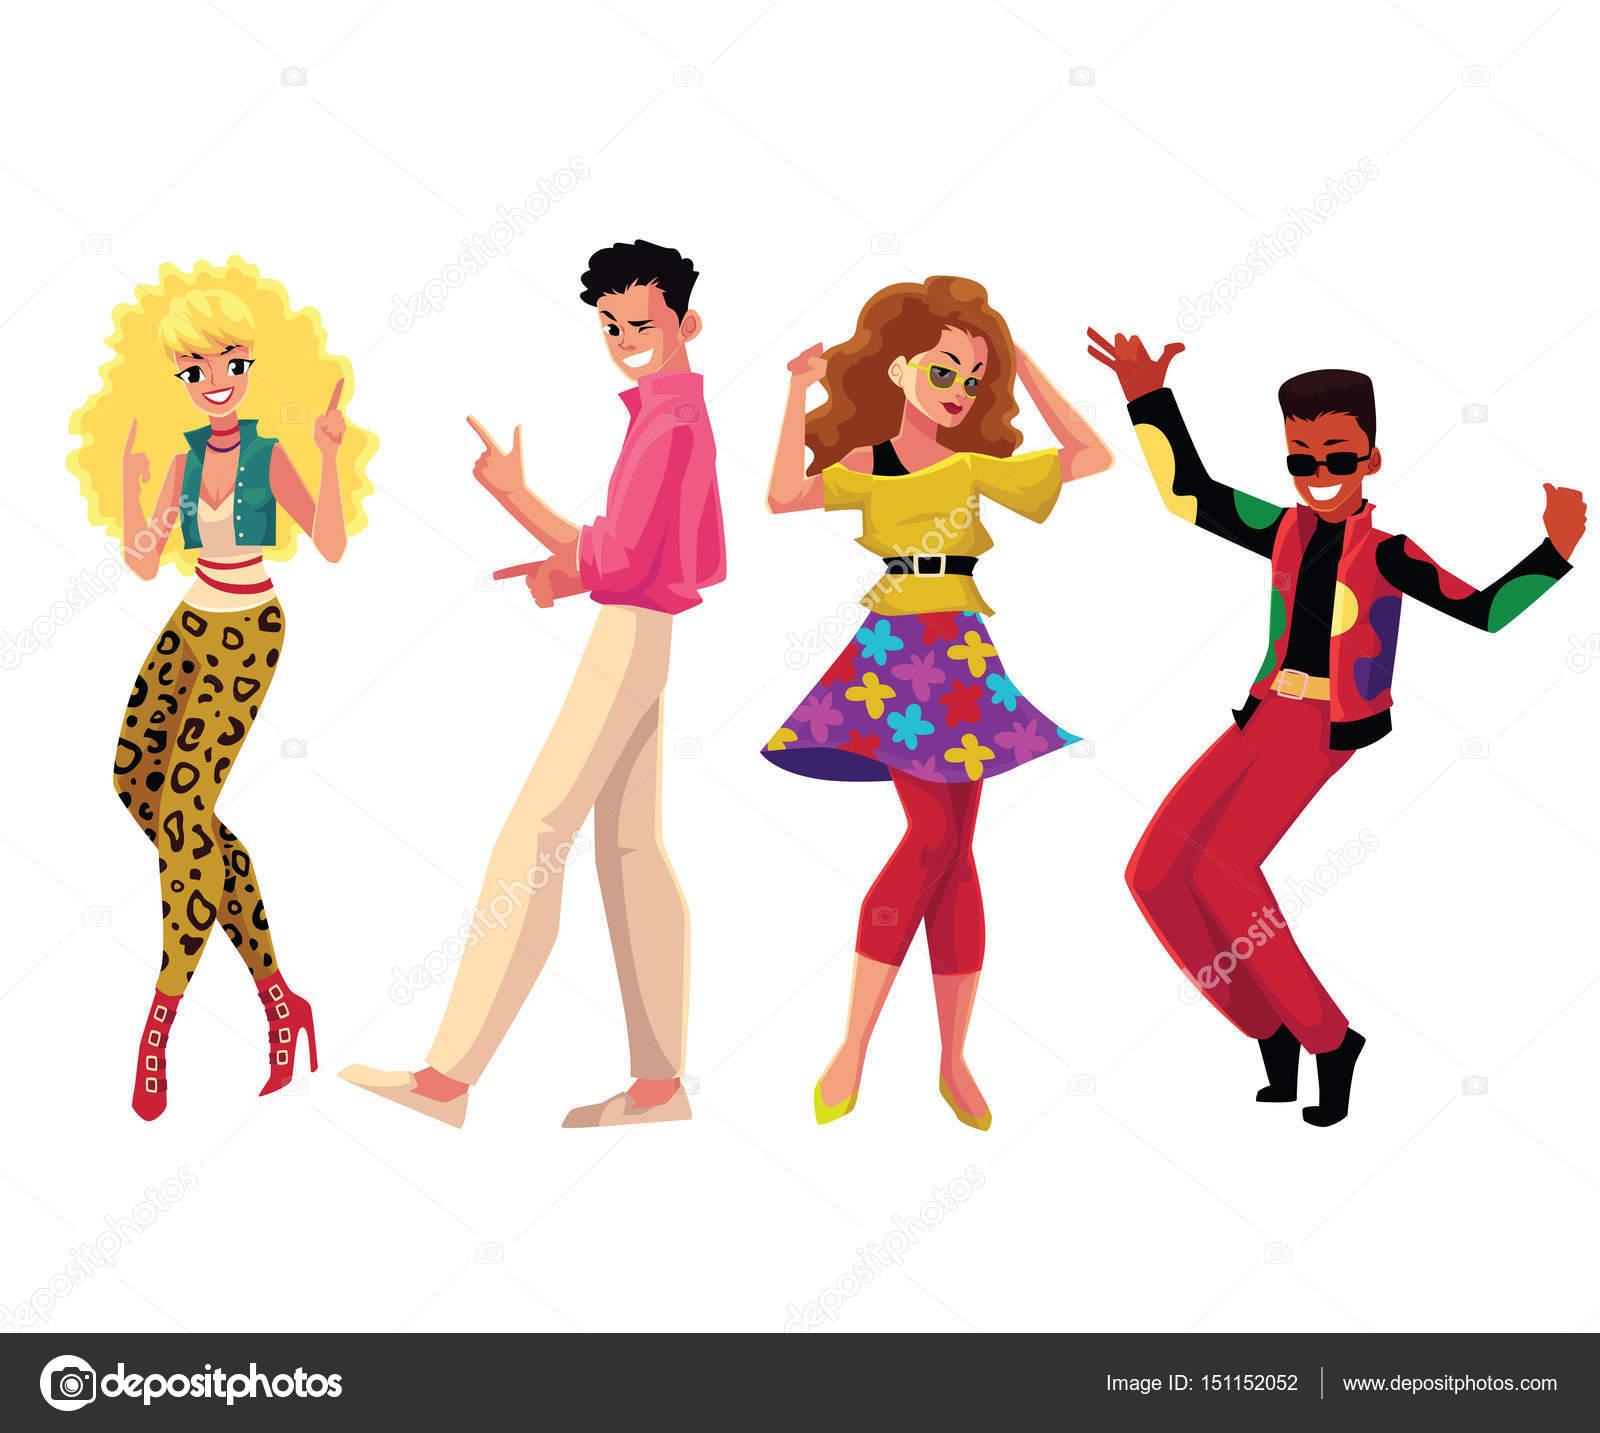 Pessoas Com Roupas De Estilo Da Década De 1980 Dançar Na